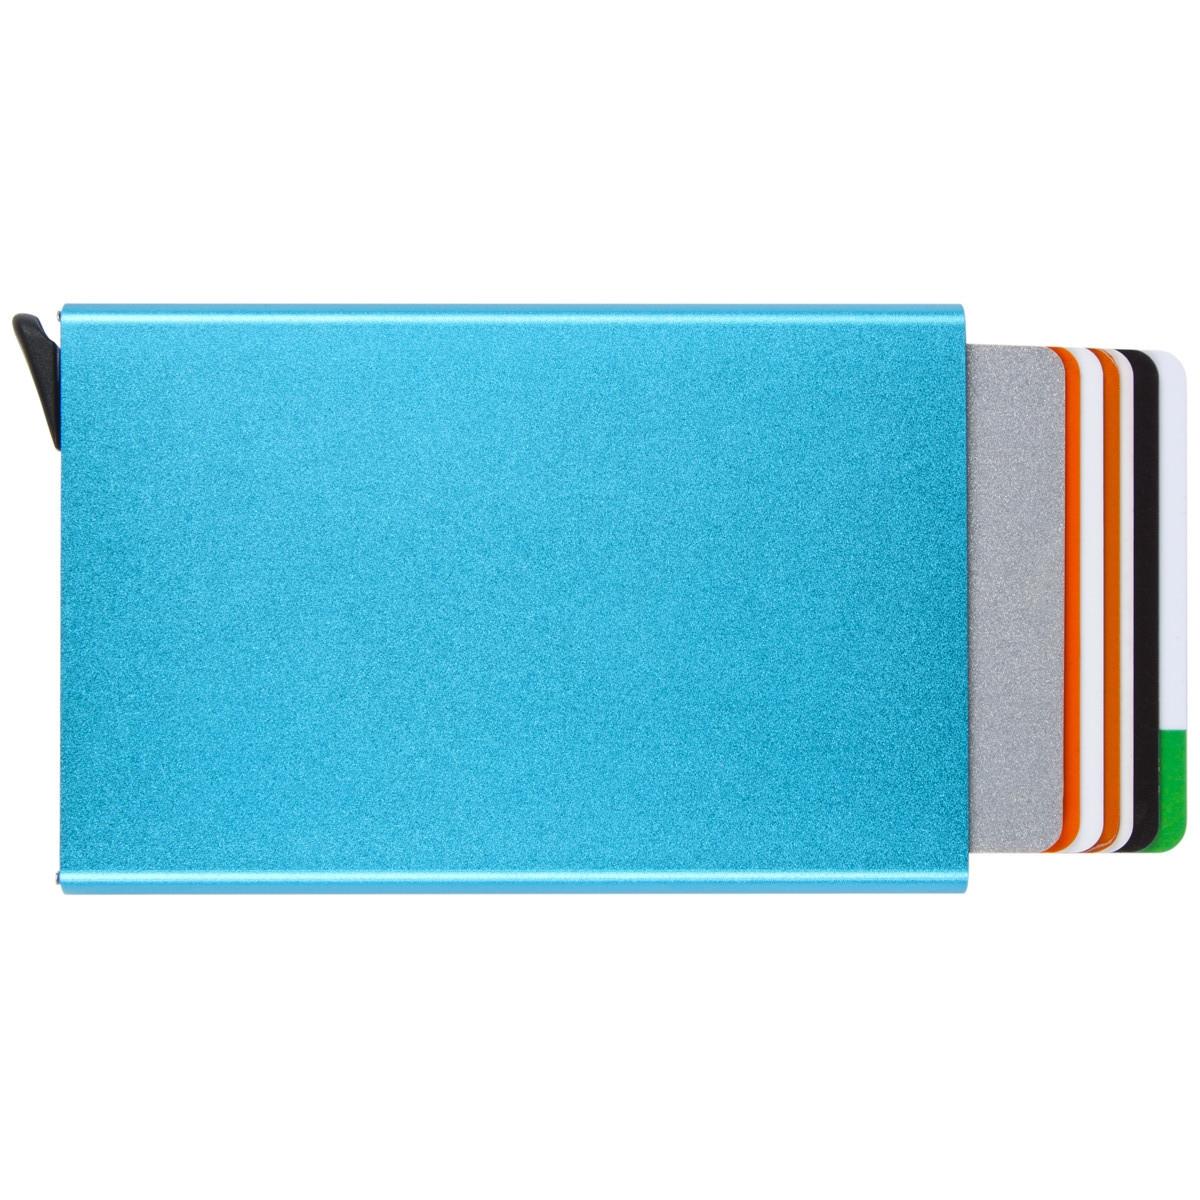 Металлический картхолдер BagHouse 95х62х9 цвет голубой металлик, 6 карт м КХМгол